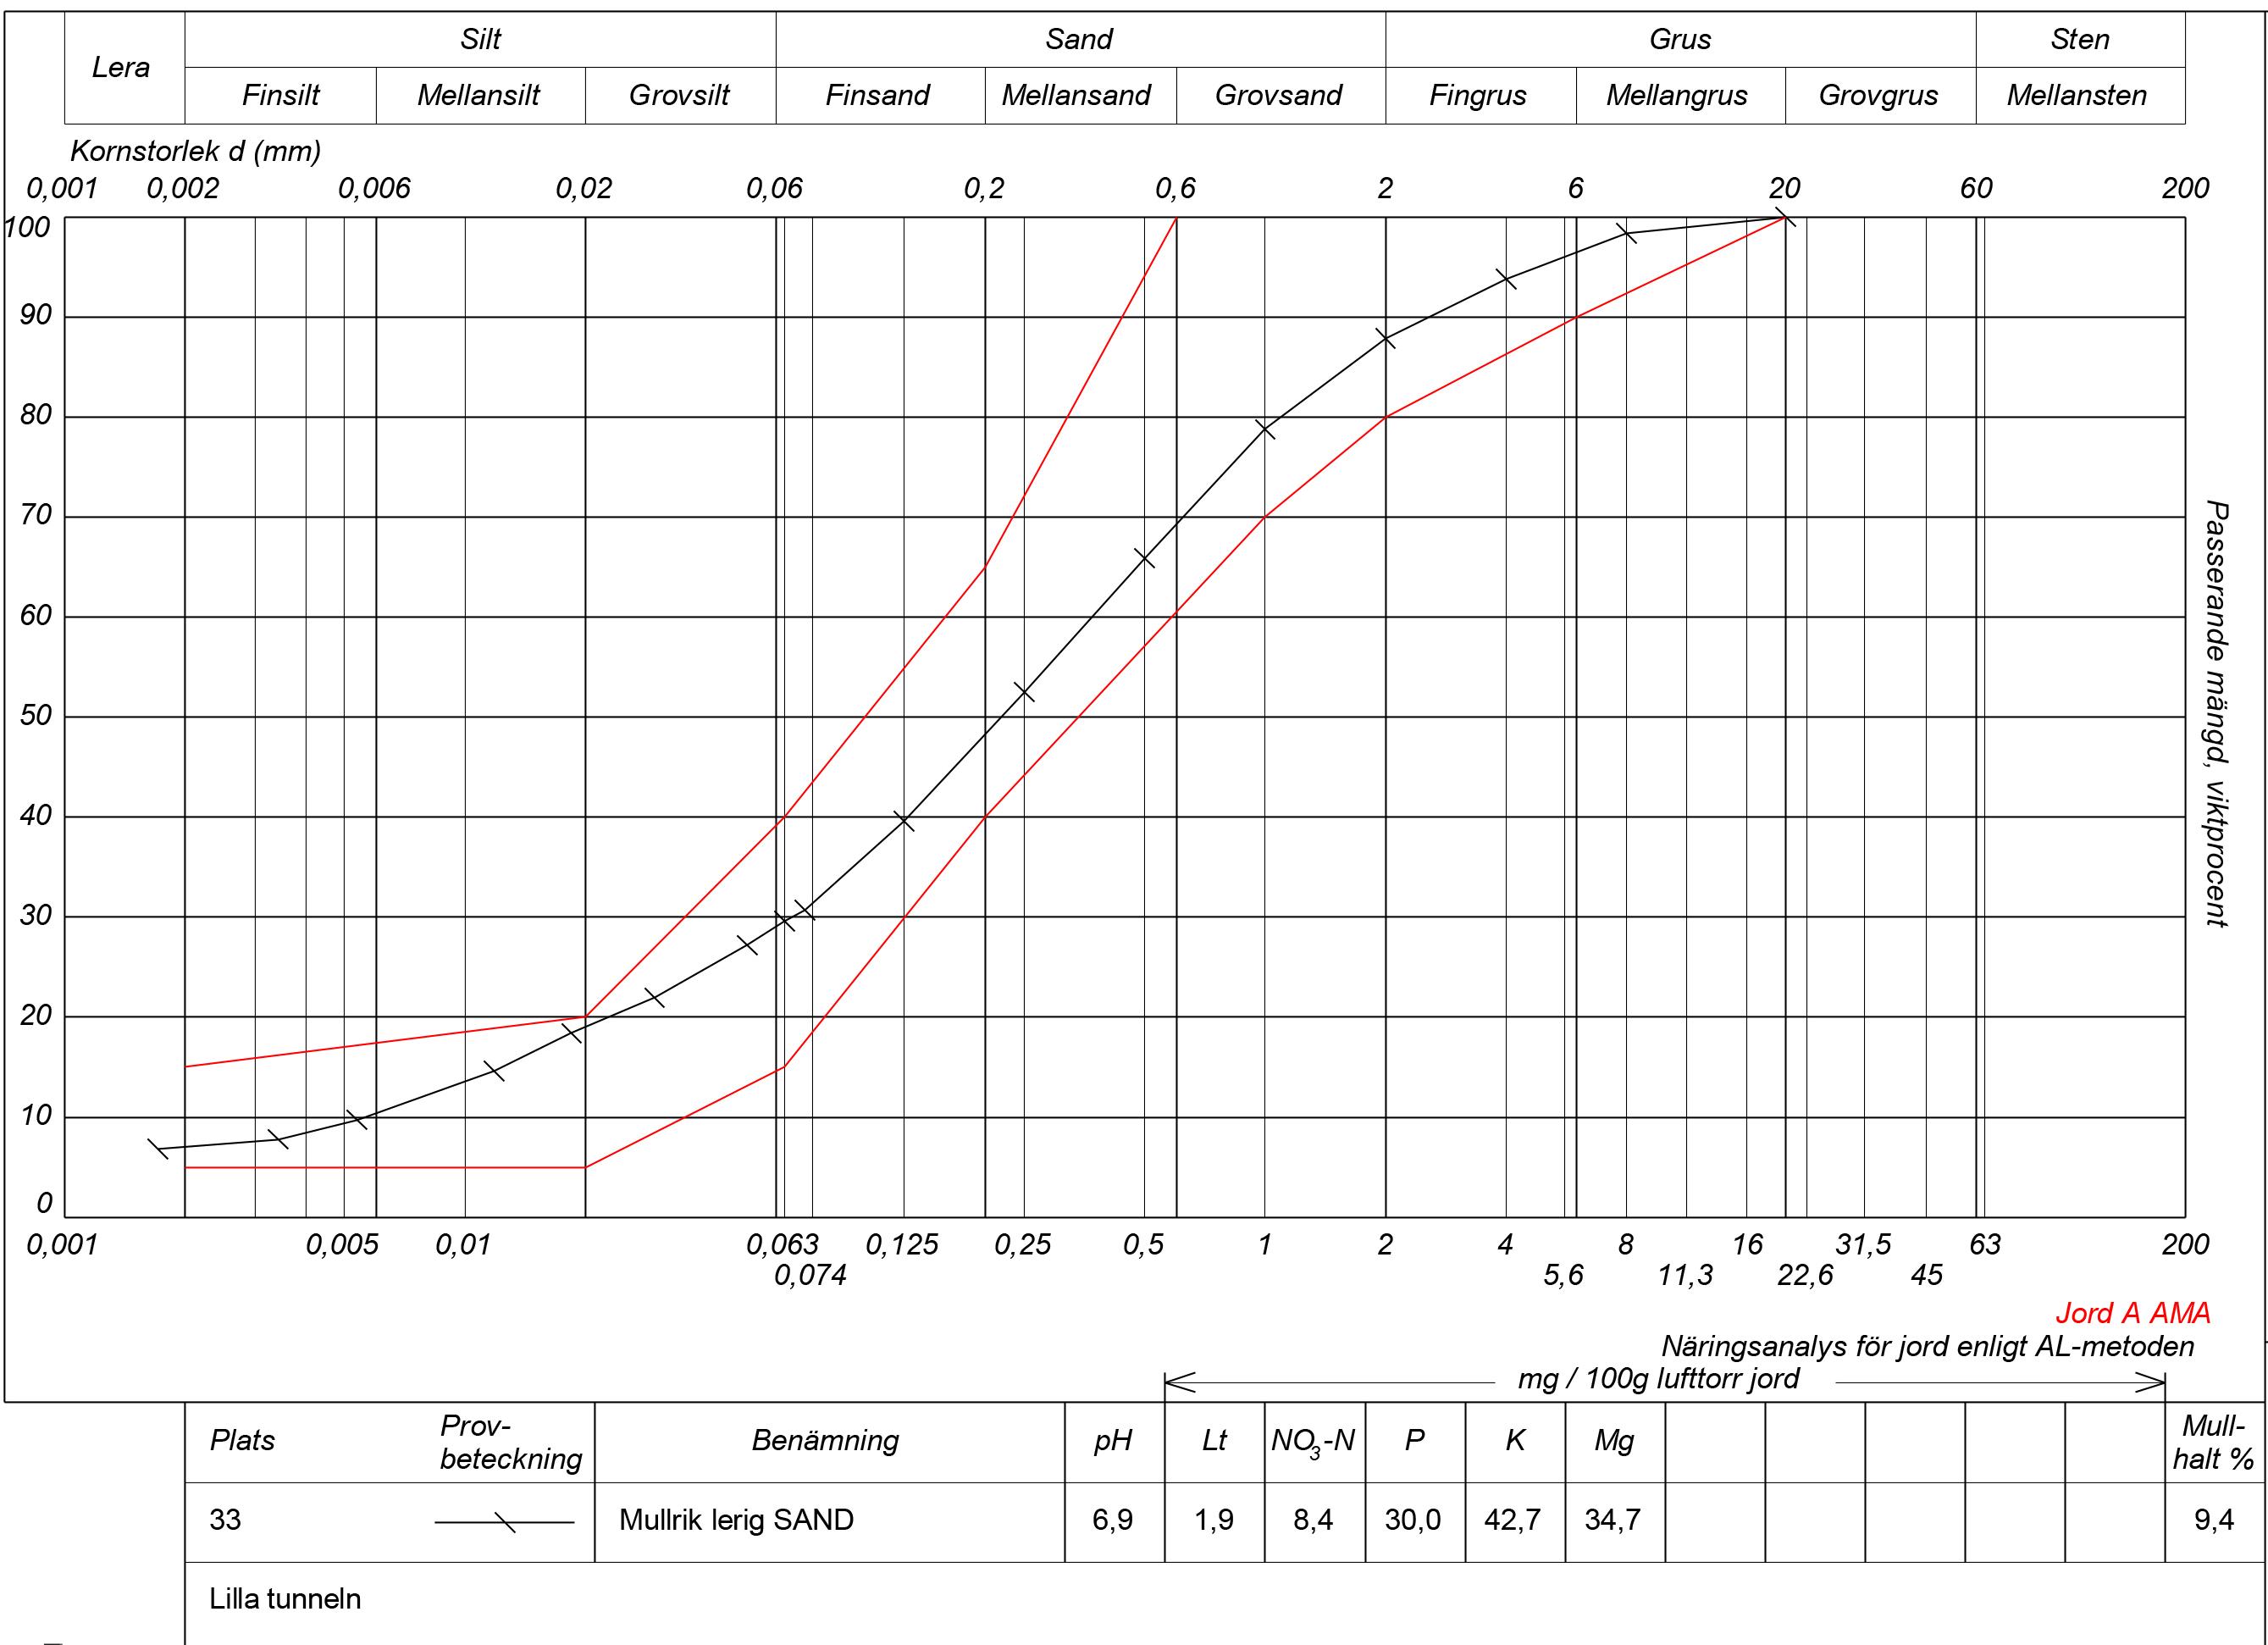 Dokument som visar resultat av jordprover. Improve polytunnel soil, soil analysis test results